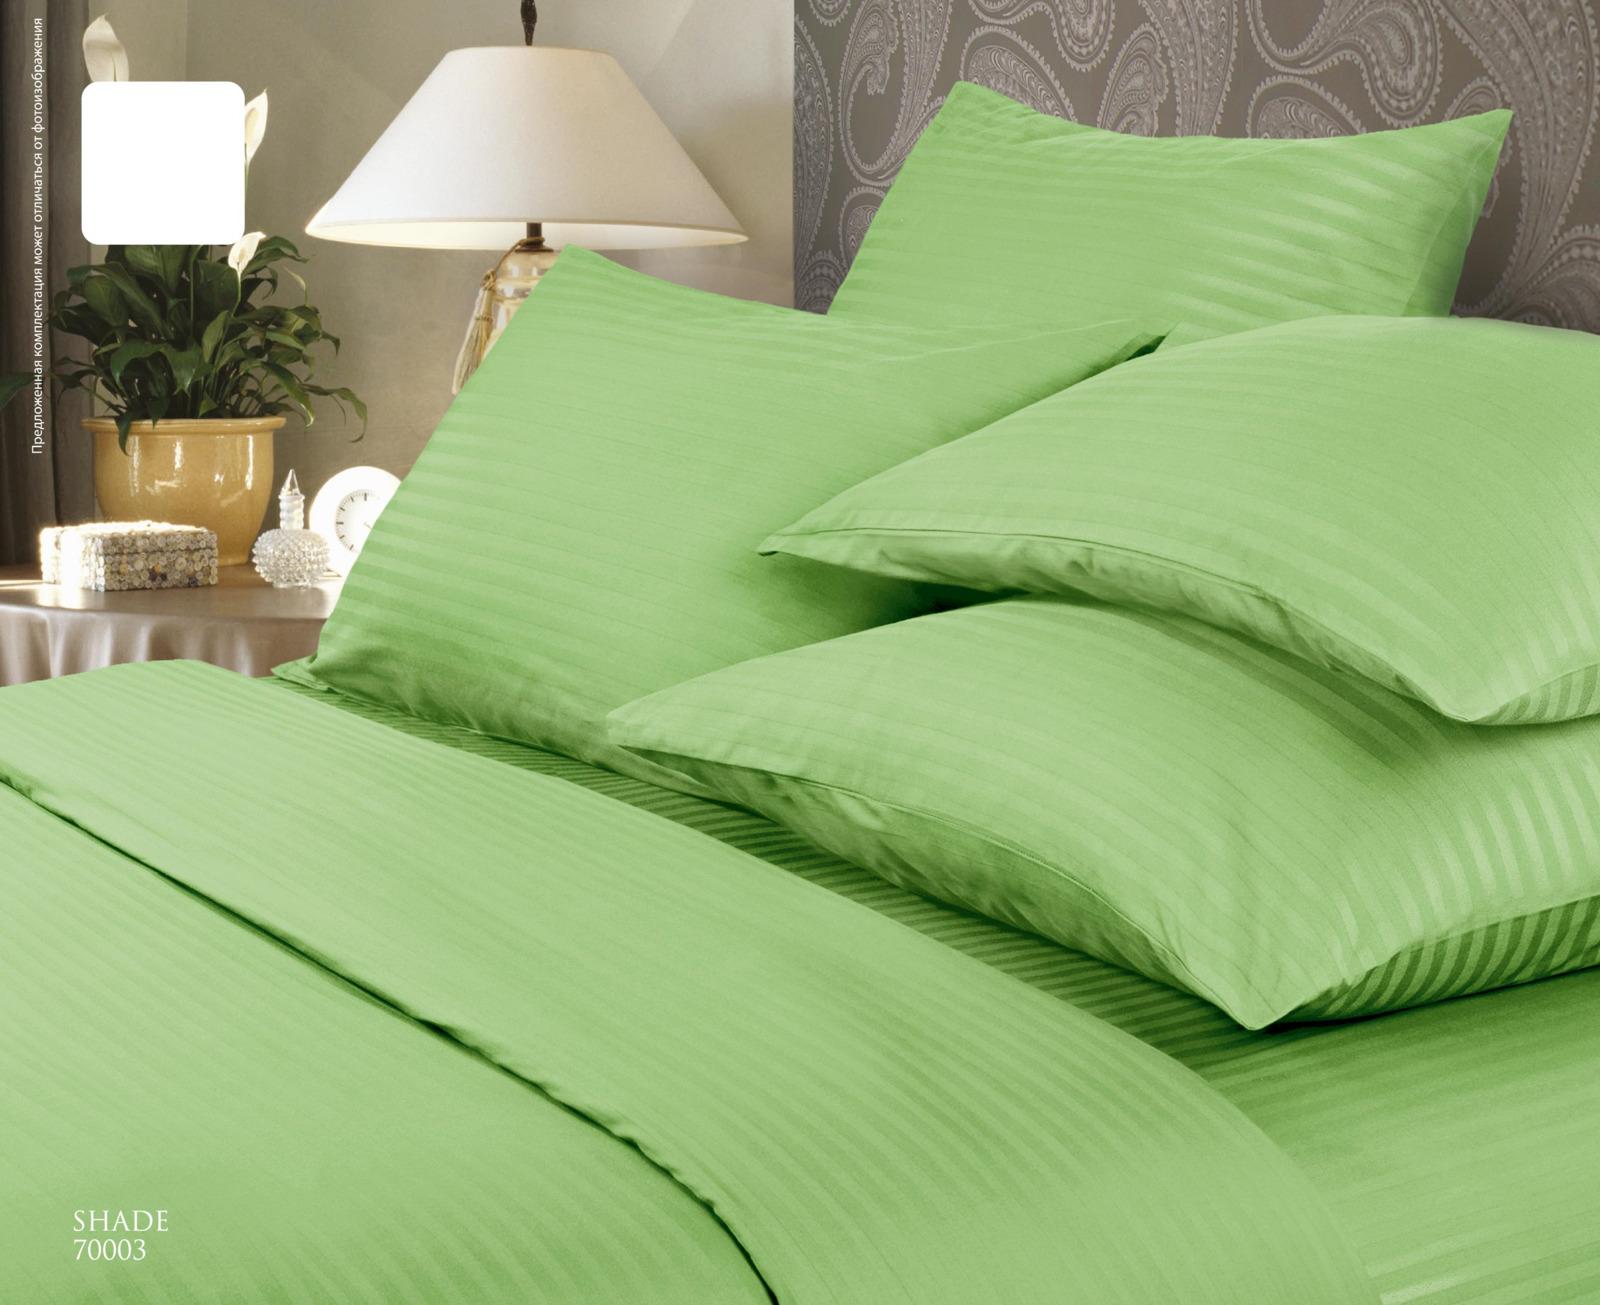 Комплект белья Verossa Shade, 1,5-спальный, наволочки 70x70. 727051